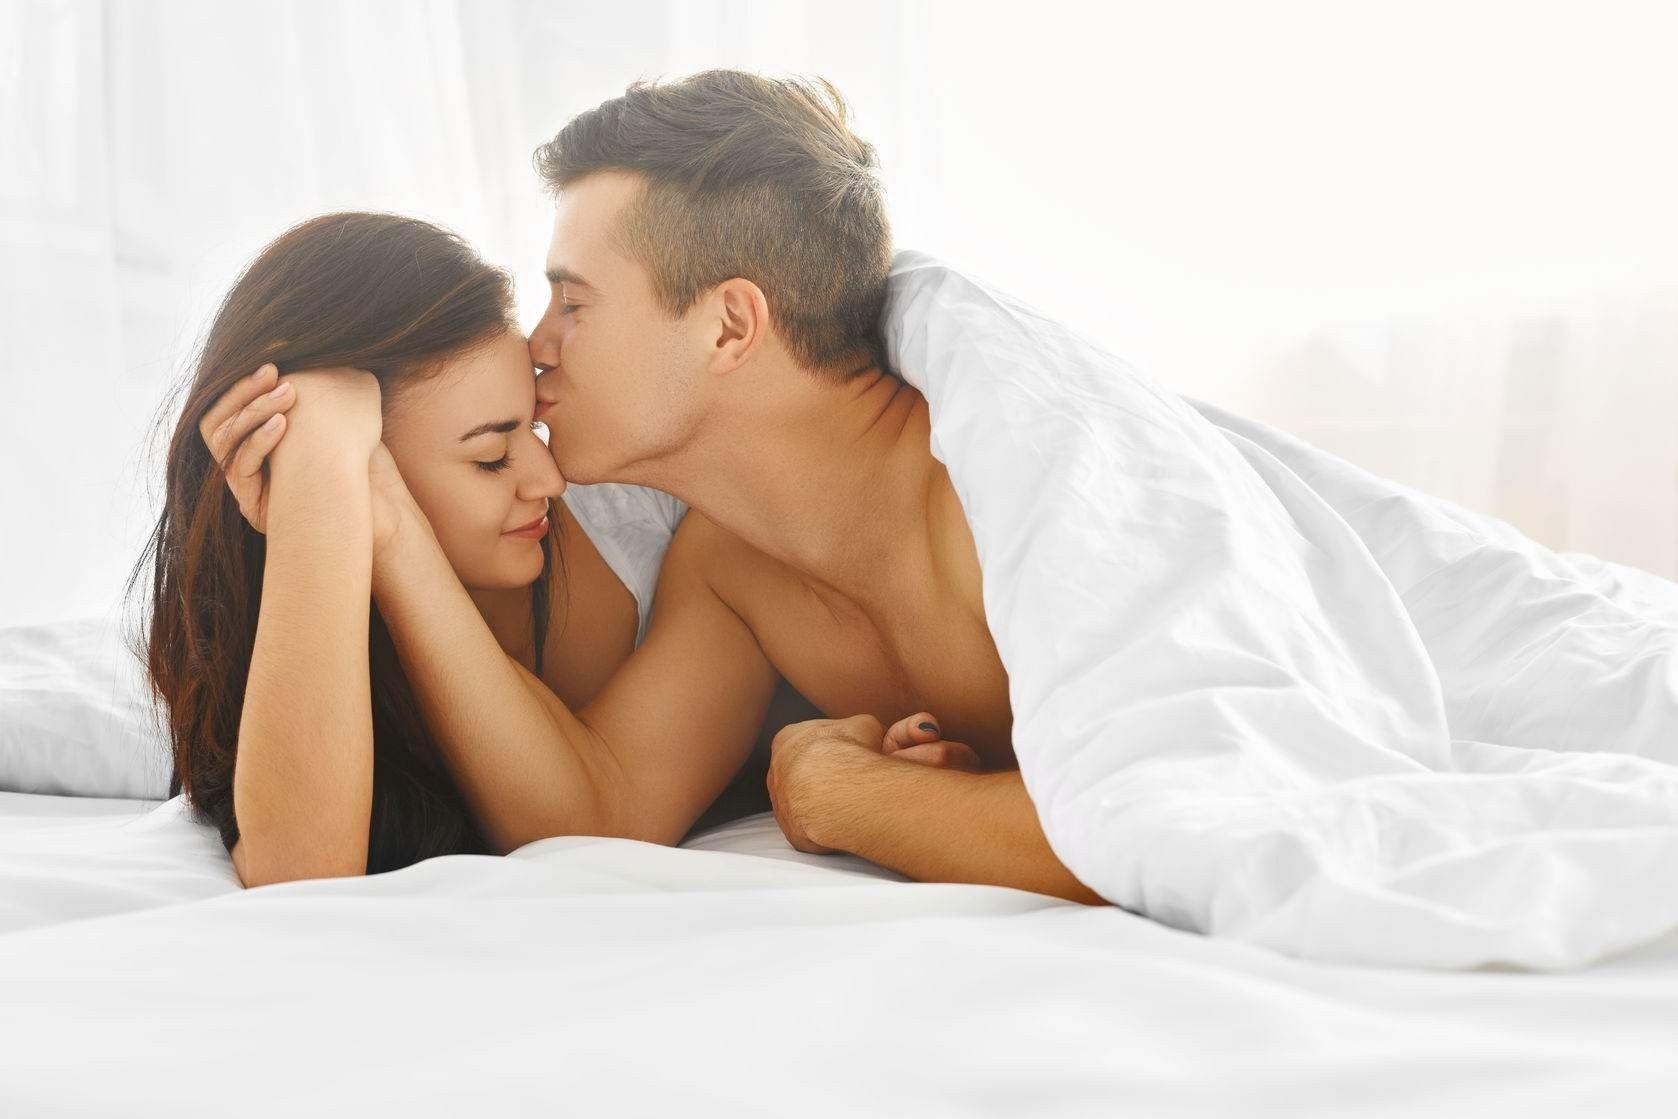 Сексологи рассказли до какого возраста можно заниматься сексом без вреда для здоровья